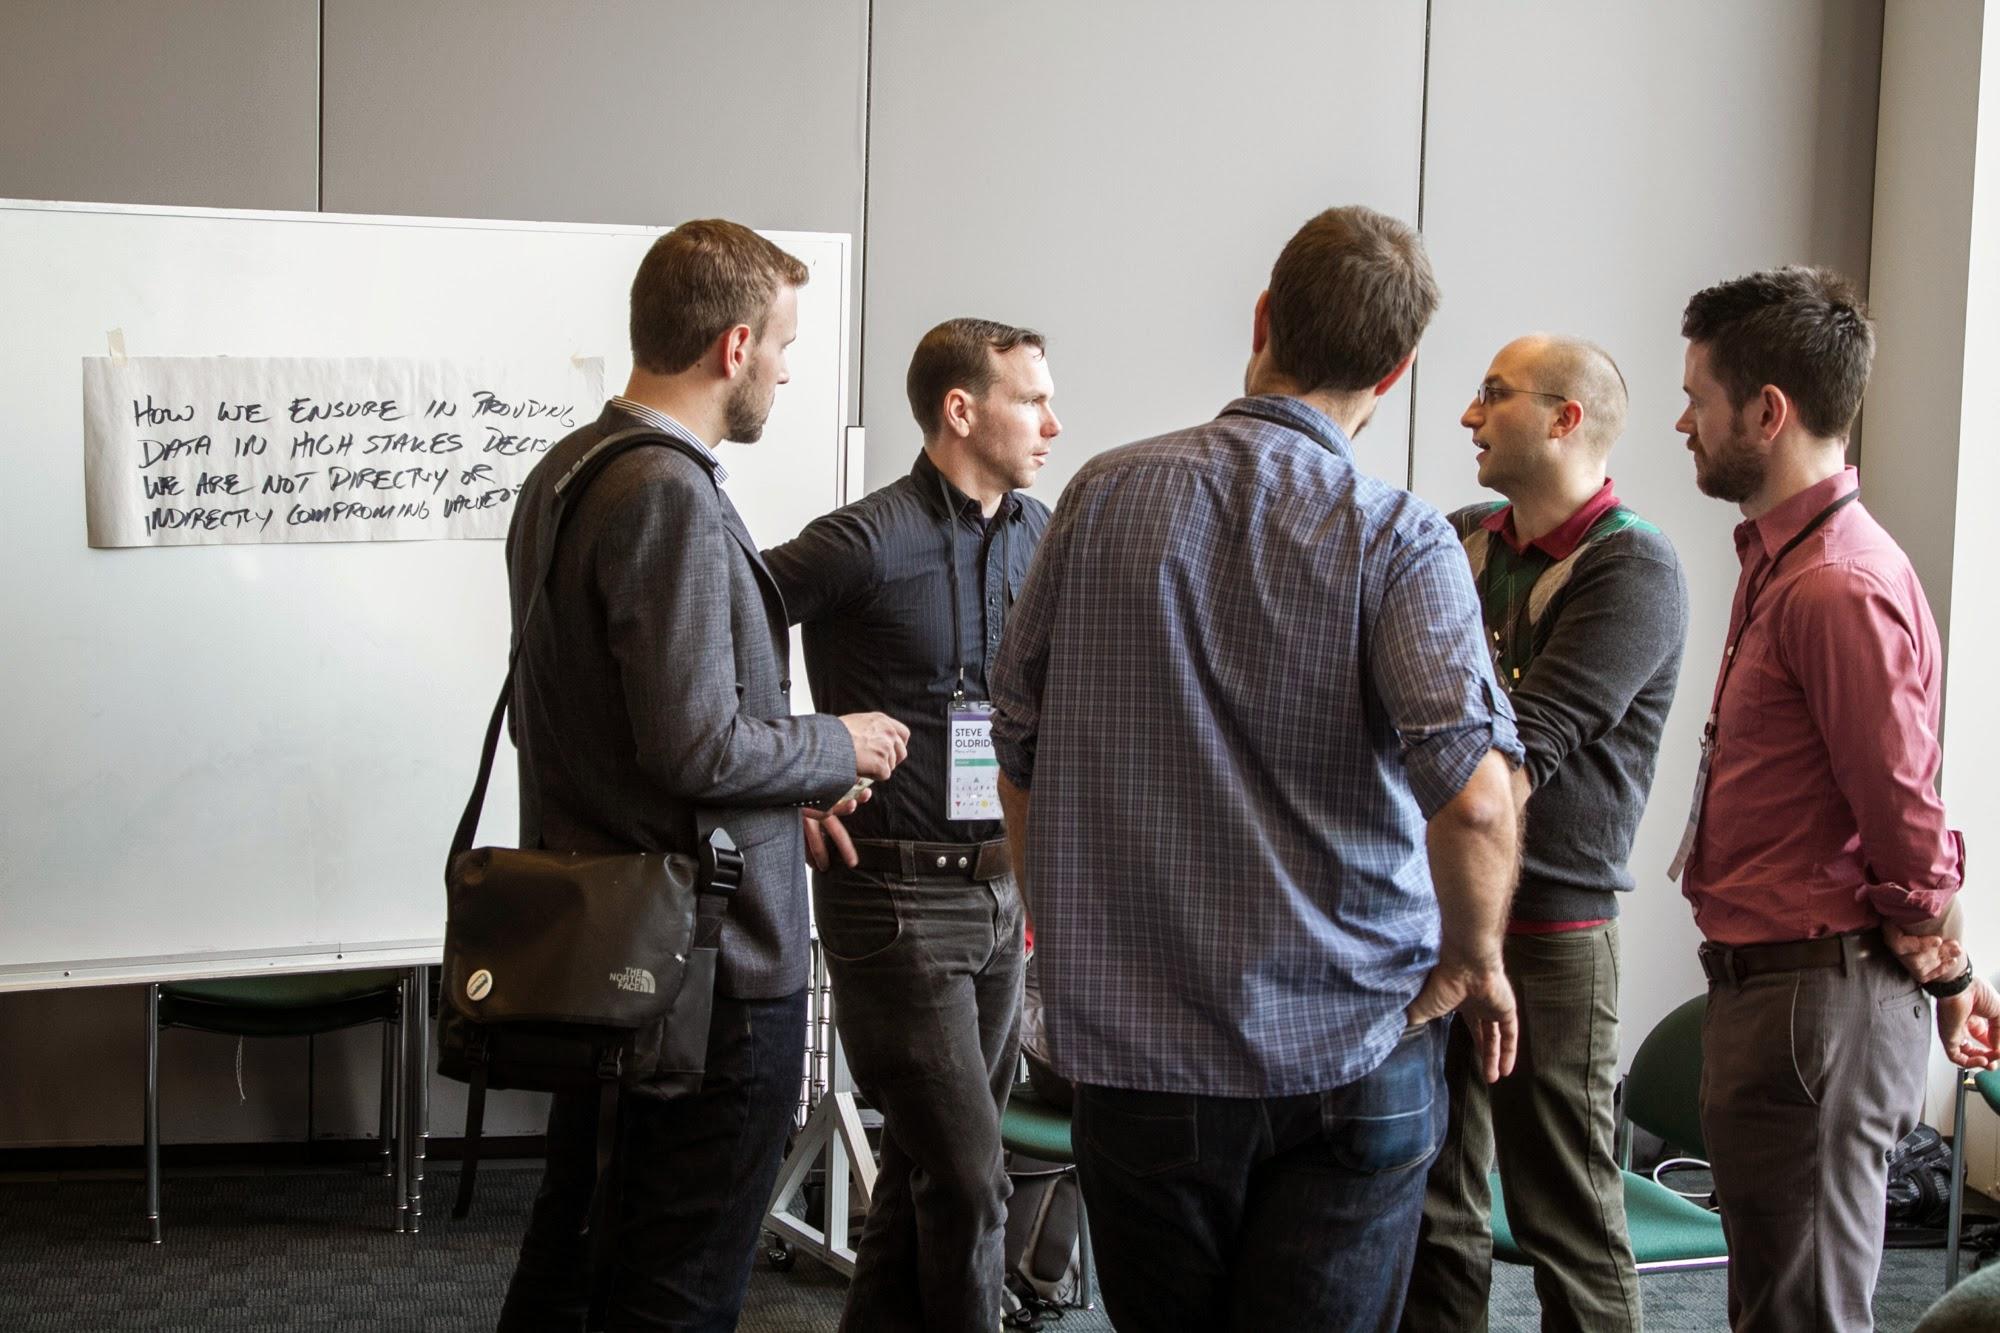 Participants: Vojtech Sedlak, Steve Oldridge, Theo Rosenfeld, Mark Twohig, Milan Veverka